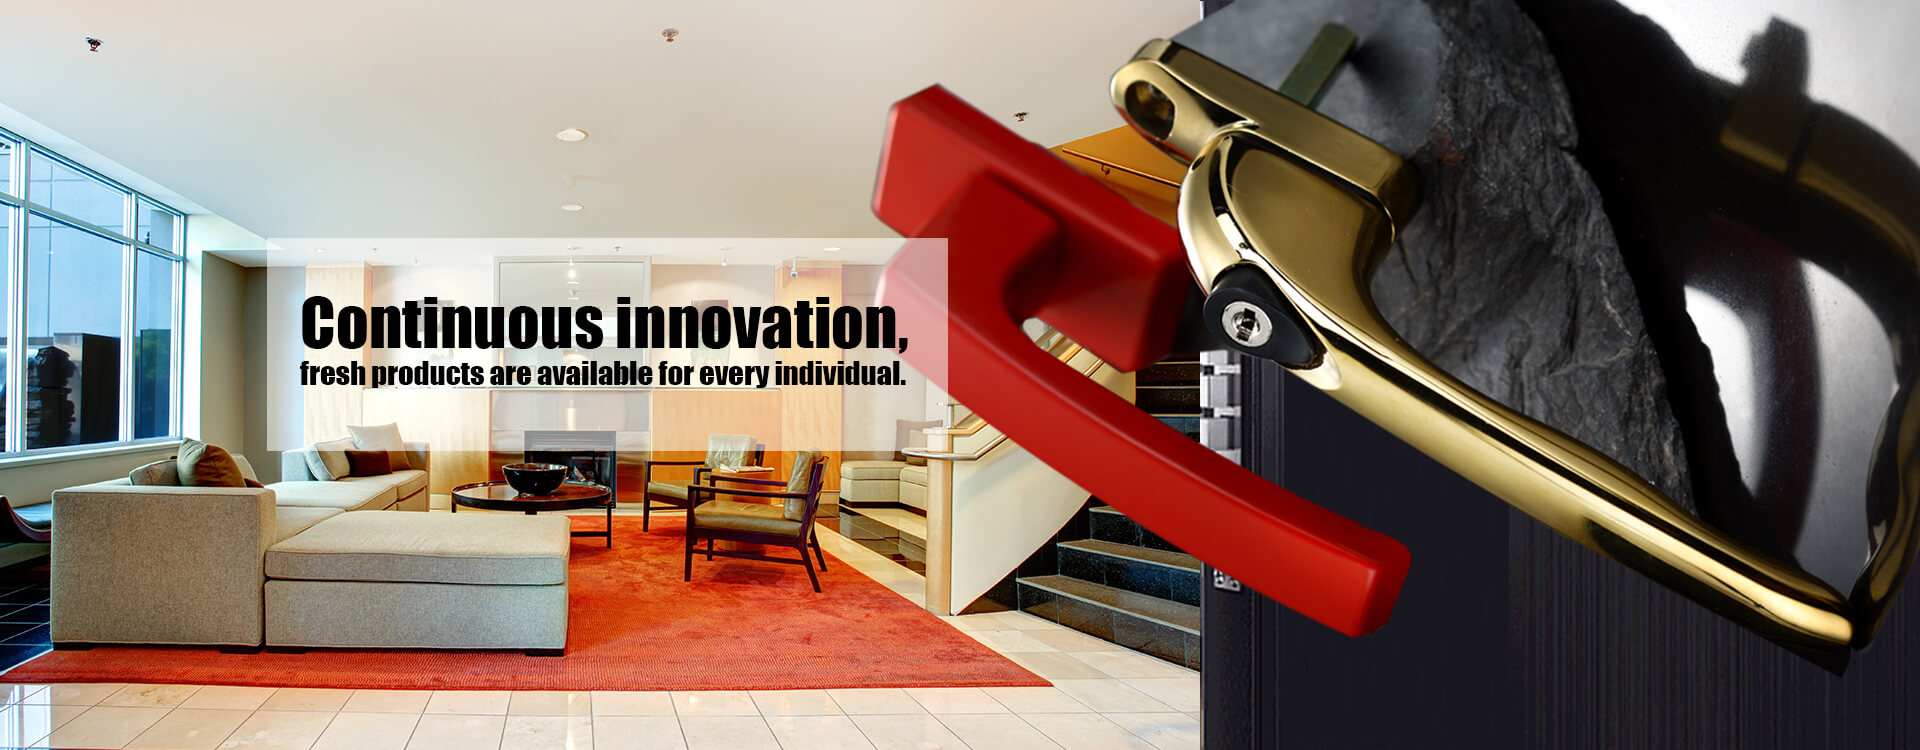 الابتكار المستمر ، المنتجات الطازجة متاحة لكل فرد